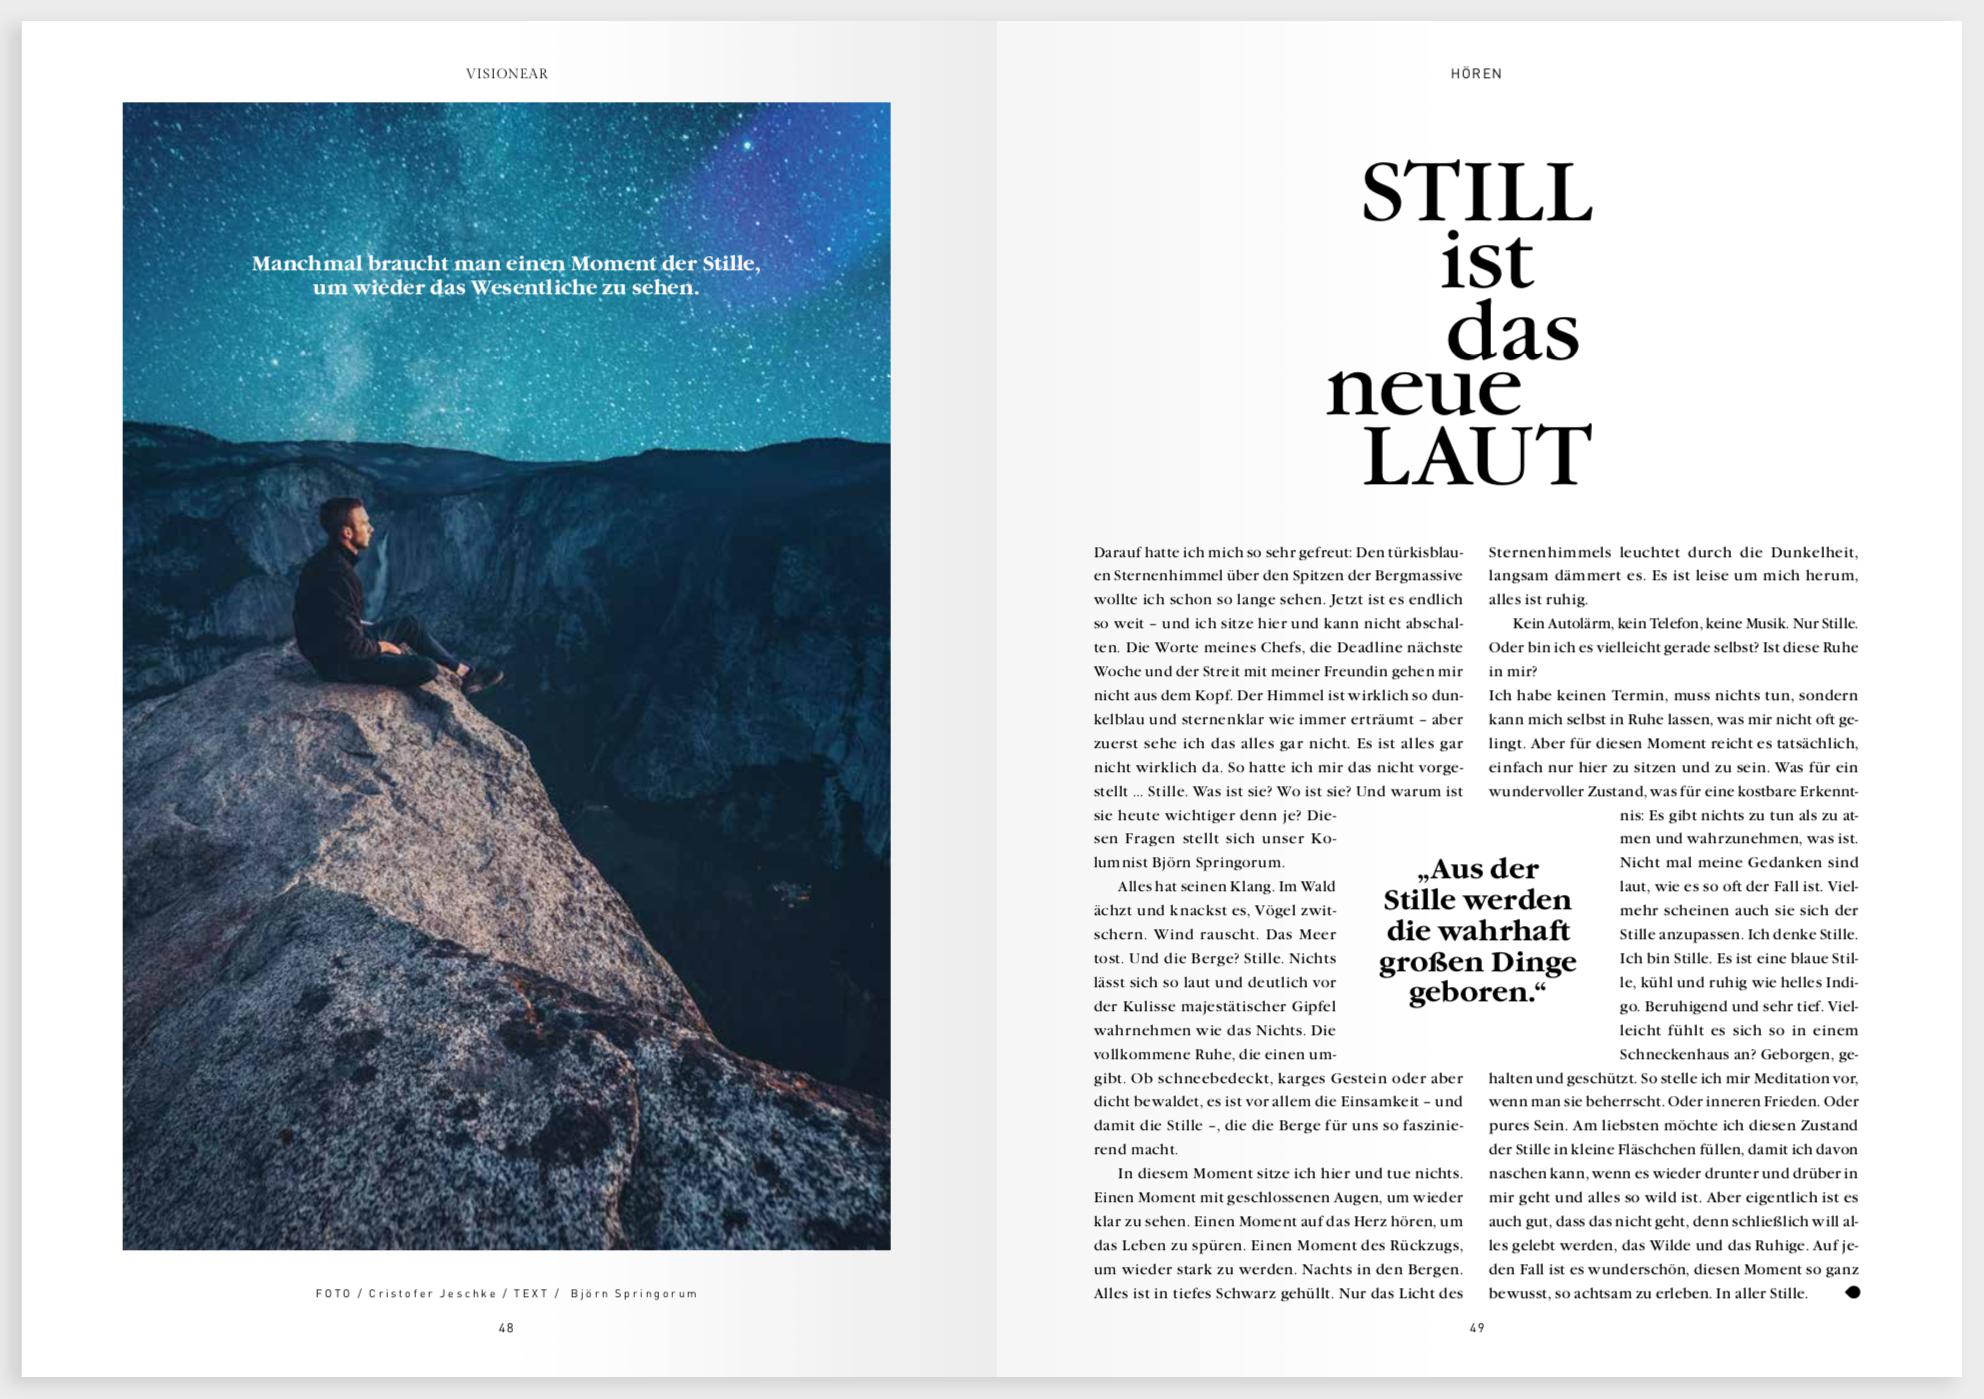 magazine_cristofer_jeschke.jpg